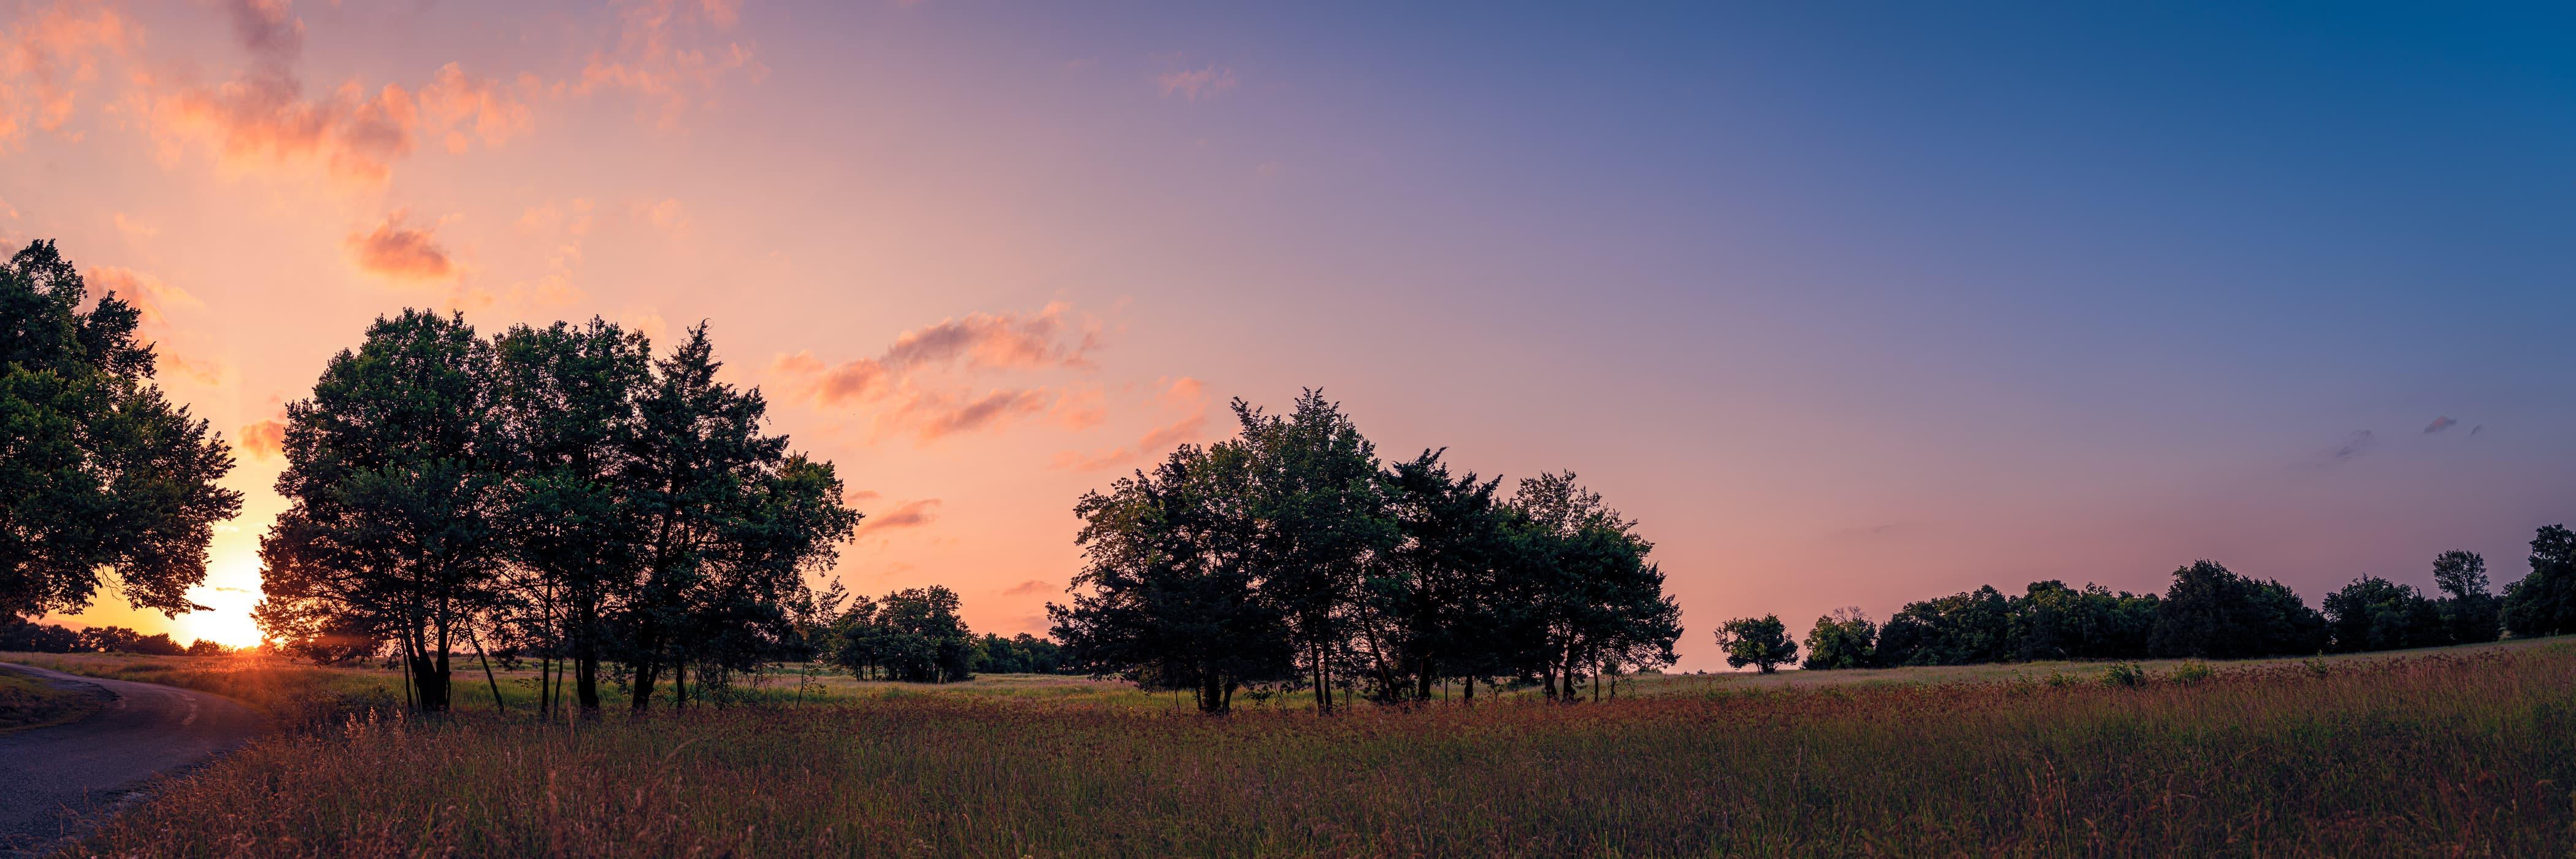 Sunset at McKinney, Texas' Erwin Park.